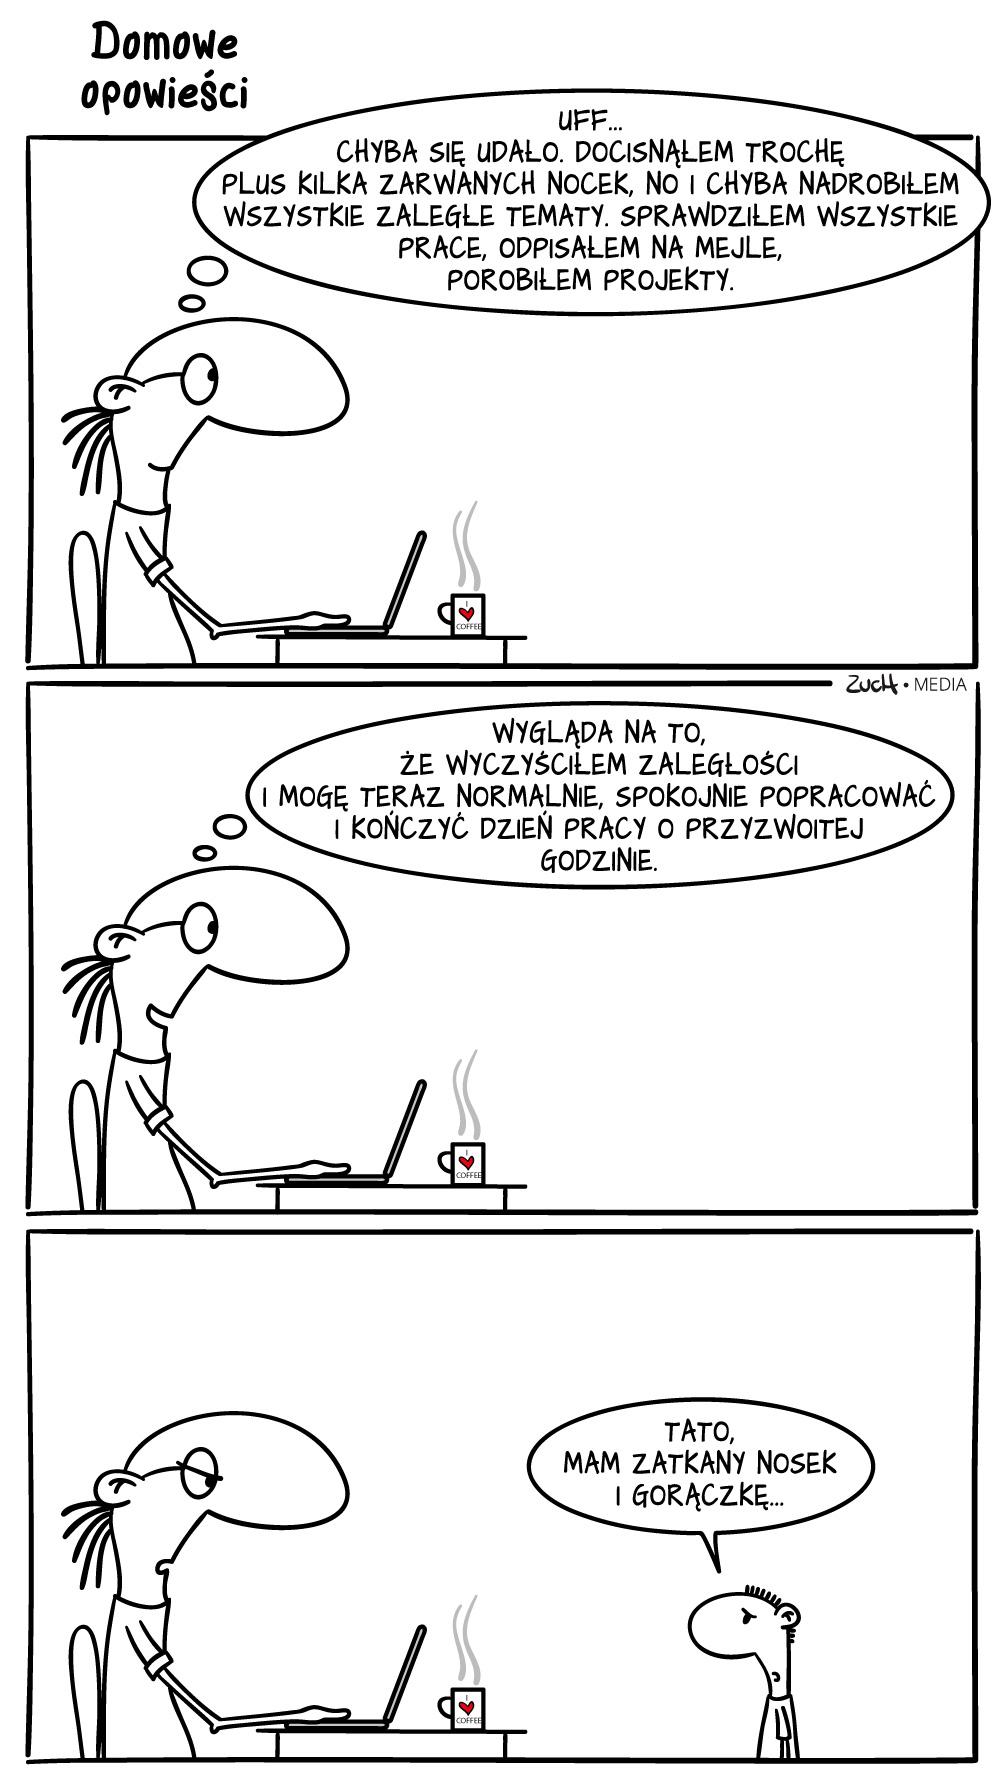 Komiks – nadrobiłem zaległości w pracy